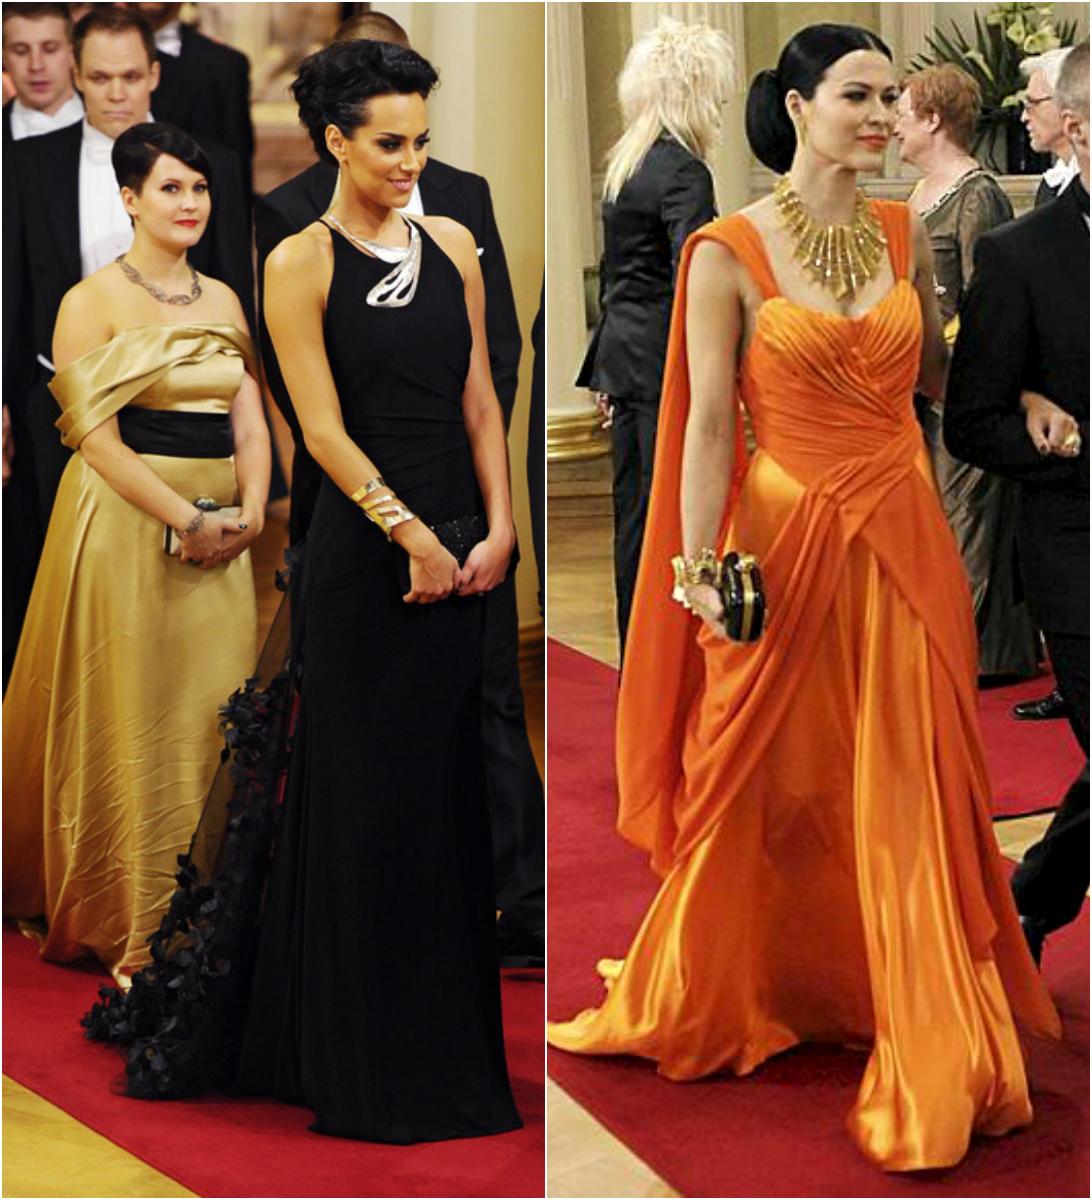 Itsenäisyyspäivä ja Linnan juhlien parhaat puvut 2010-luvulla